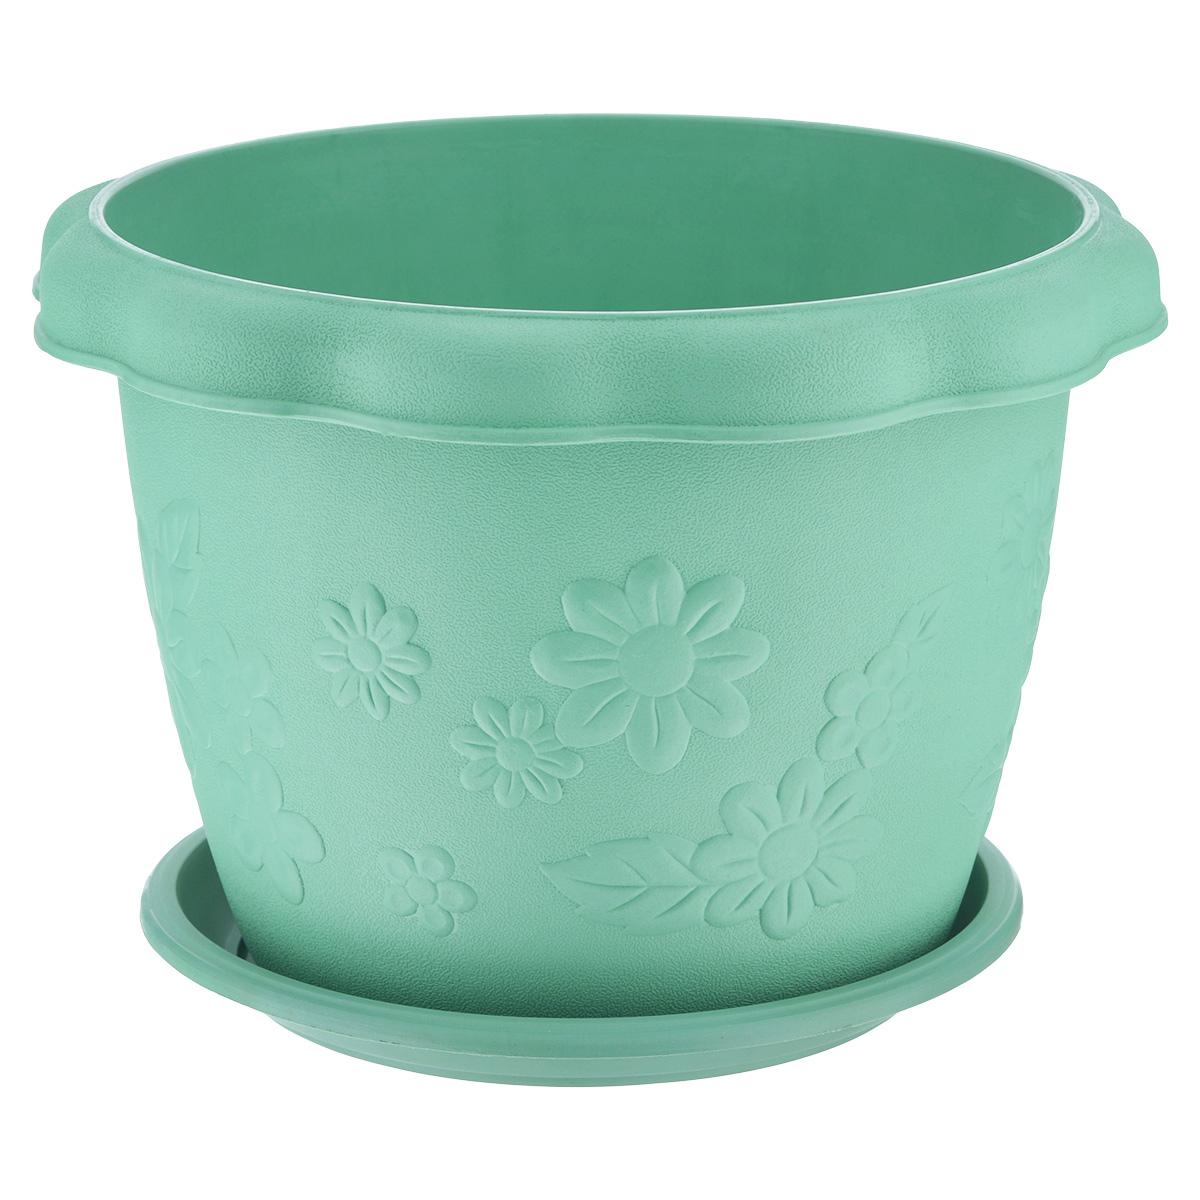 Кашпо Ludu Цветы, с поддоном, цвет: зеленый, диаметр 26 смKOC_SOL373Кашпо Ludu Цветы изготовлено из высококачественного пластика. Специальный поддон предназначен для стока воды. Изделие прекрасно подходит для выращивания растений и цветов в домашних условиях. Лаконичный дизайн впишется в интерьер любого помещения. Диаметр поддона: 21,5 см.